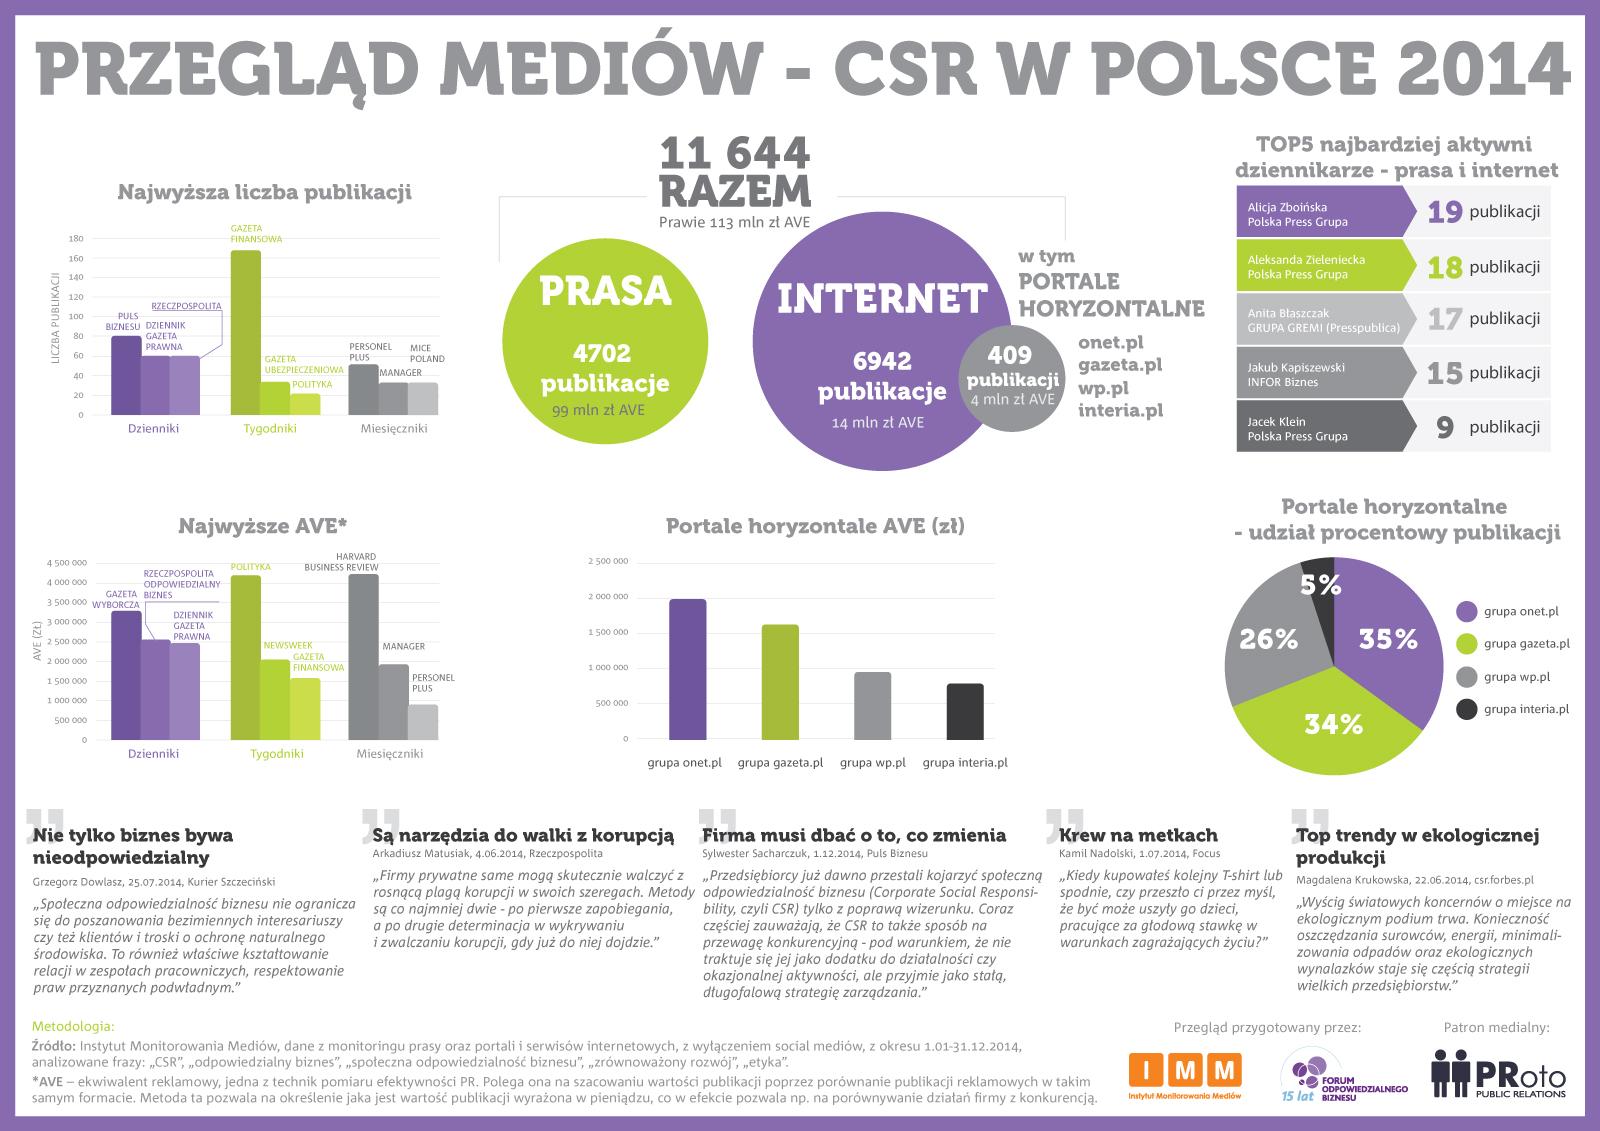 Infografika - Przegląd Mediów - CSR w Polsce w 2014 roku